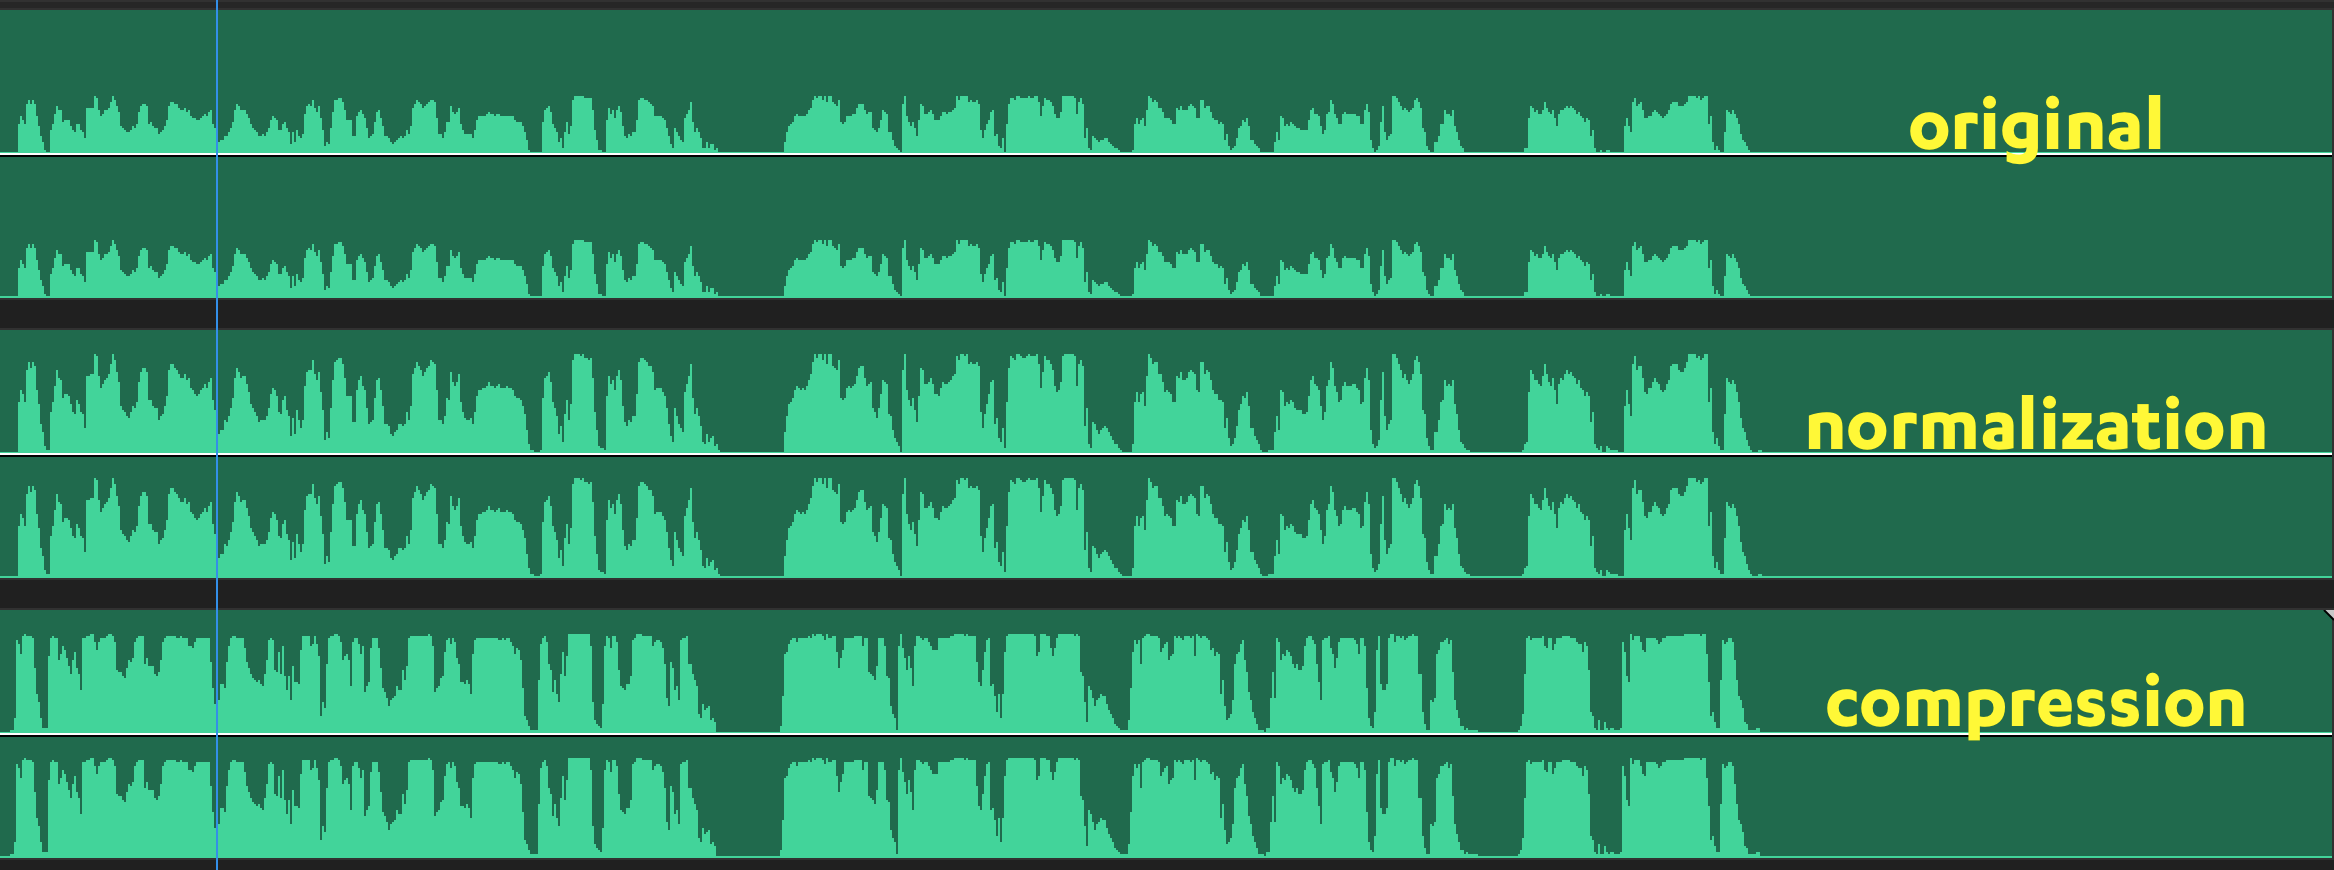 NOTE: Compression is overdone for visual comparison.